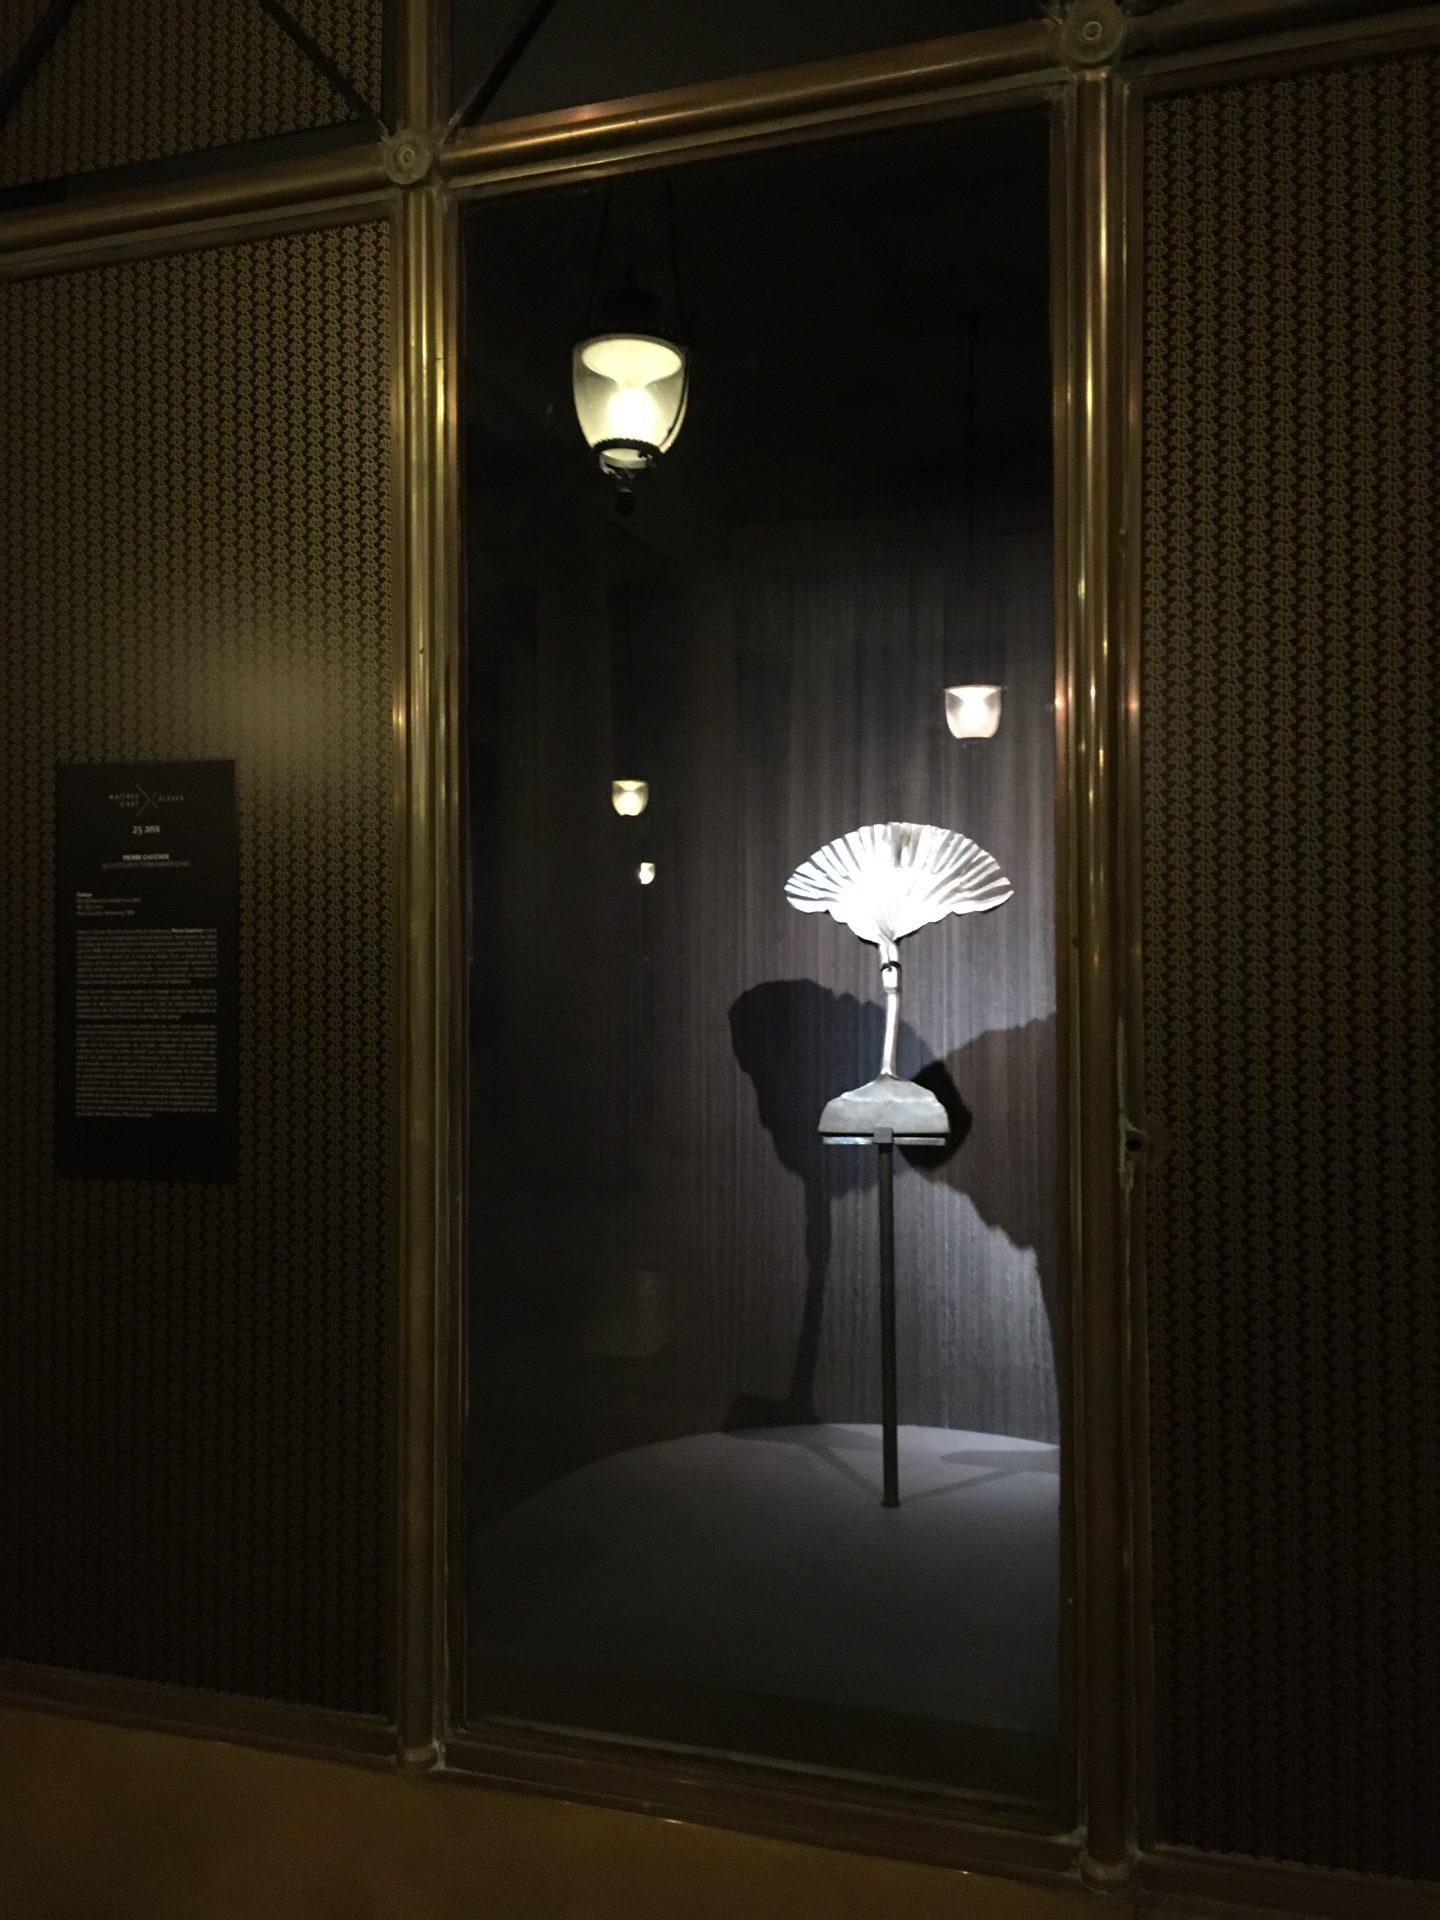 Exposition 25 ans du titre de Maître d'Art dans les vitrines du Ministère de la Culture au Palais Royal